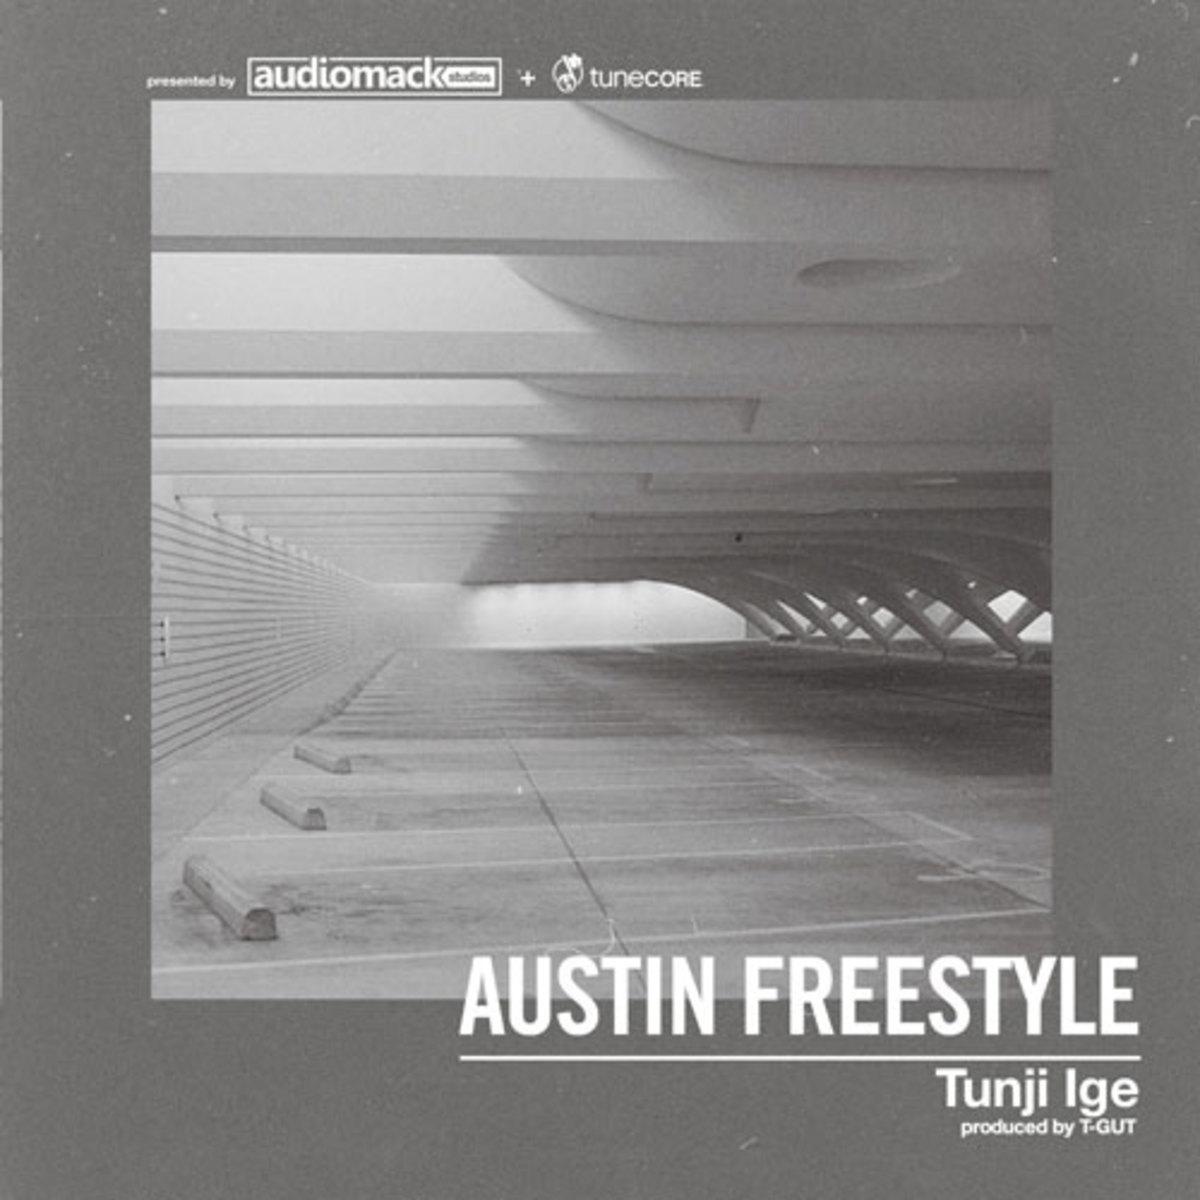 tunji-ige-austin-freestyle-v2.jpg